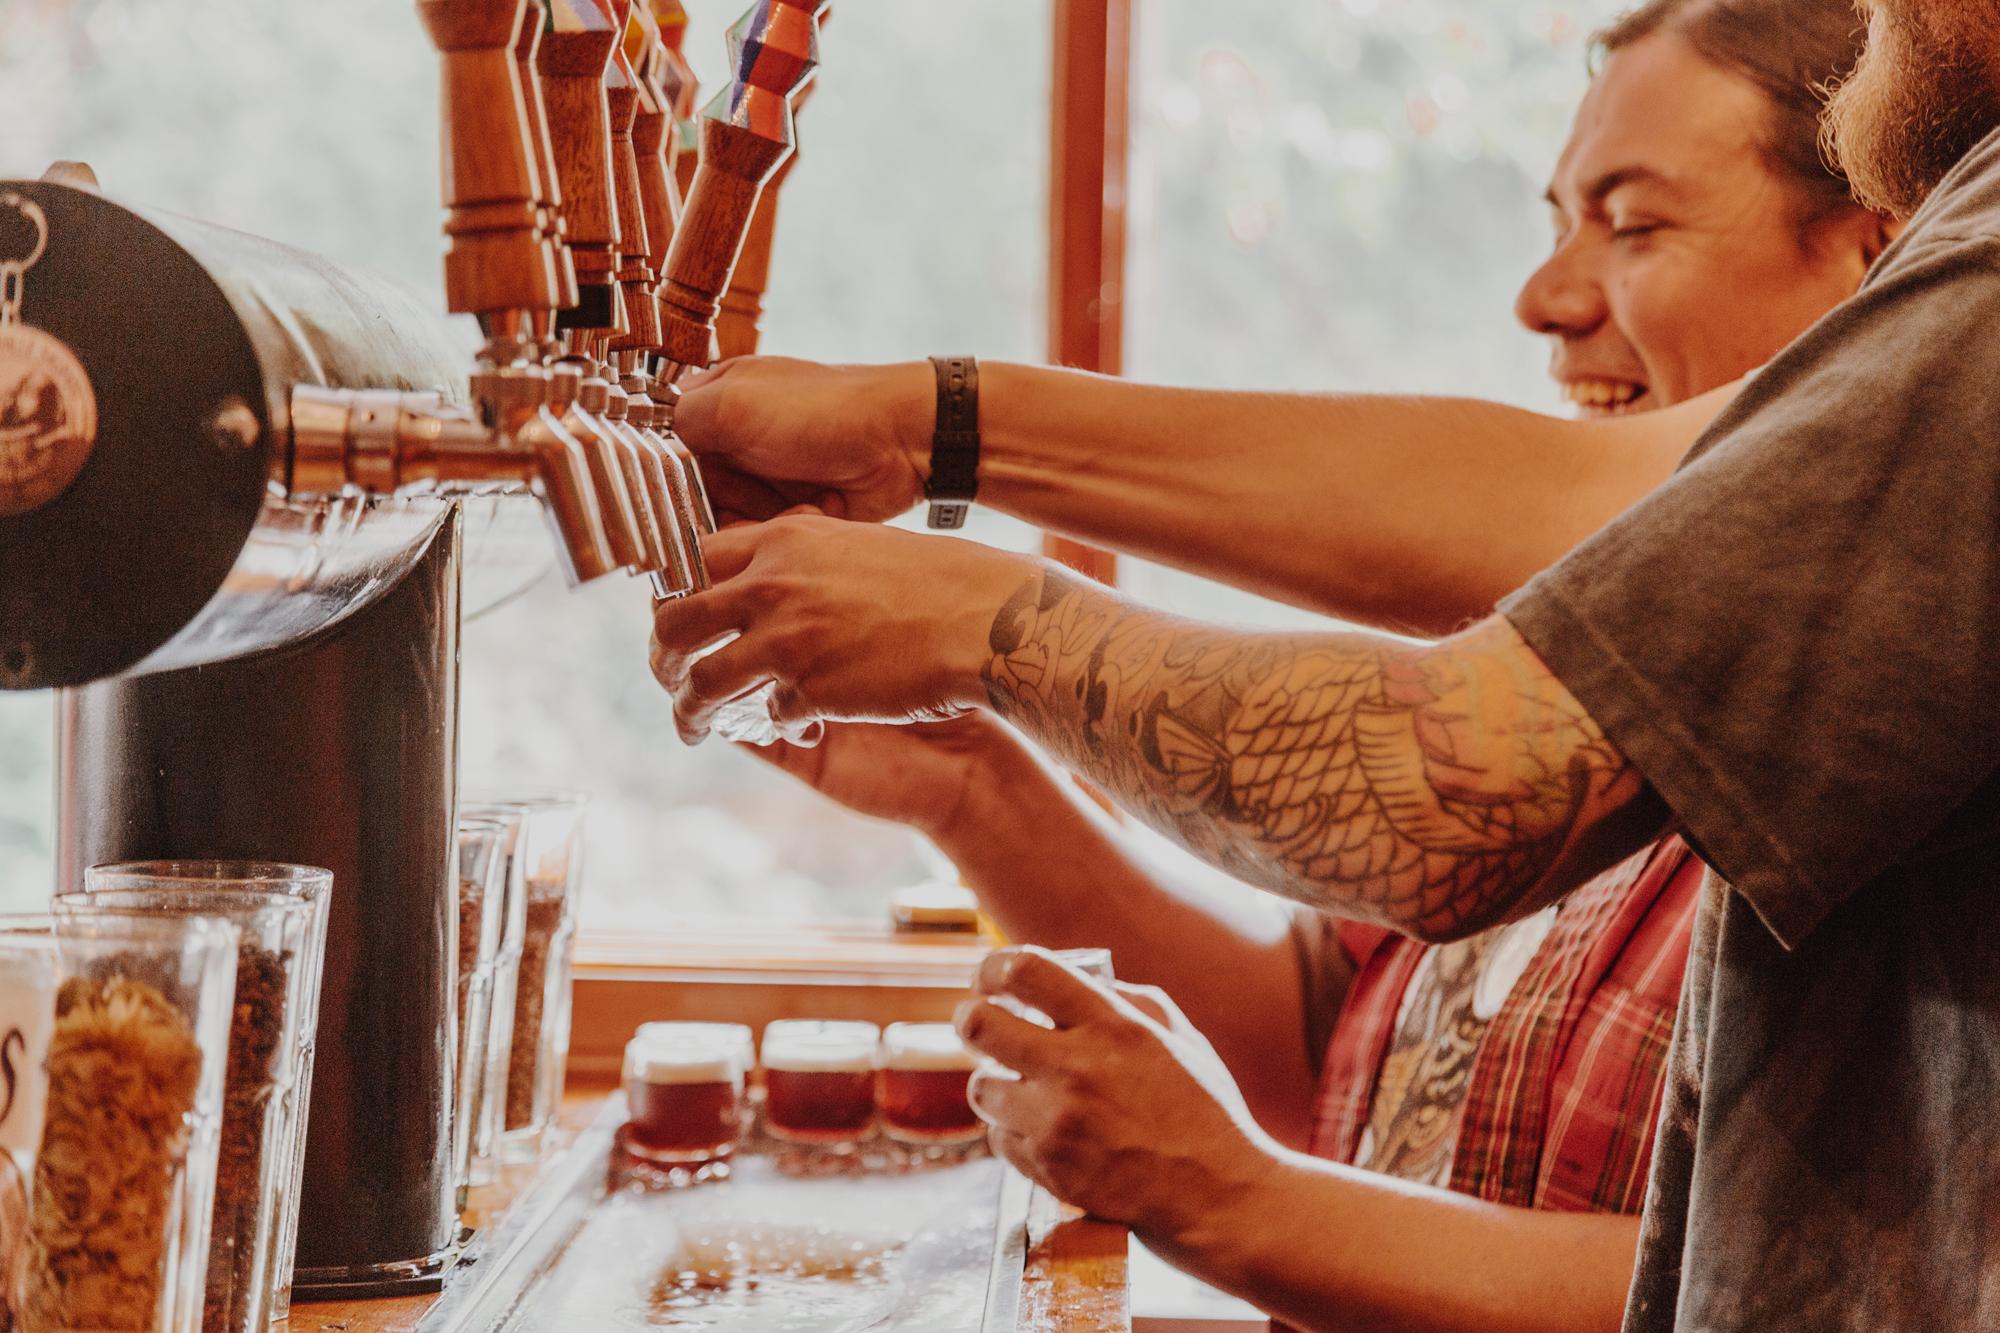 Peruvian Artisanal brewery www.thetipsygypsies.net